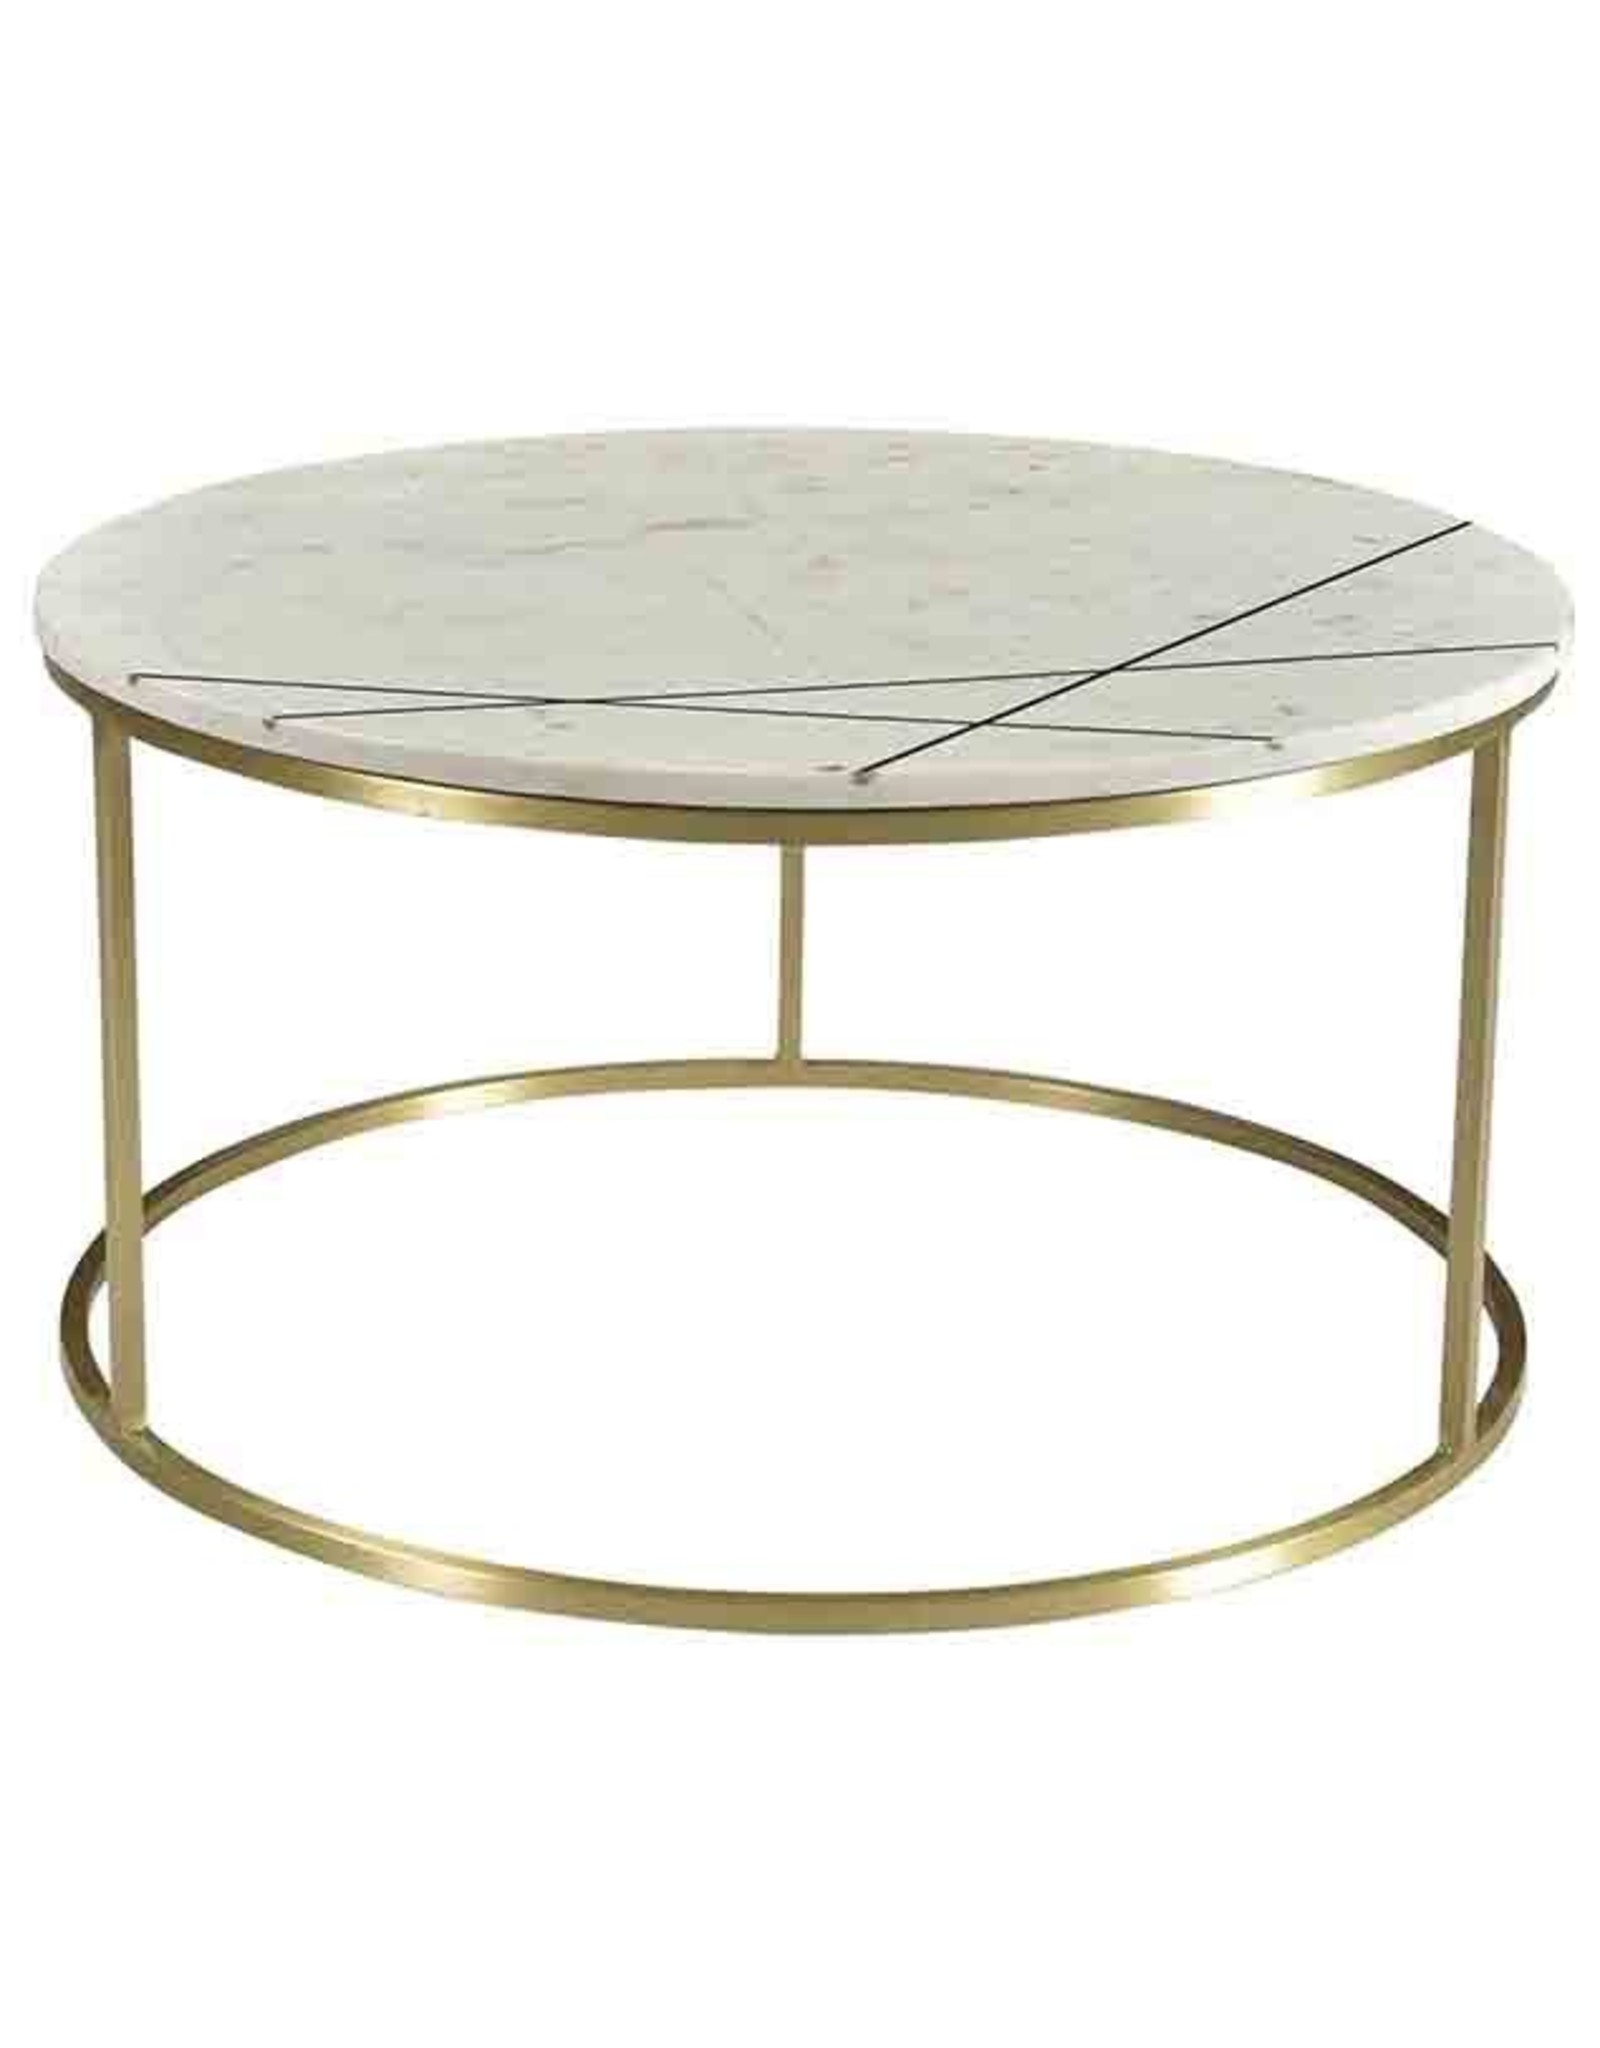 Dovetail Zoth Coffee Table - White